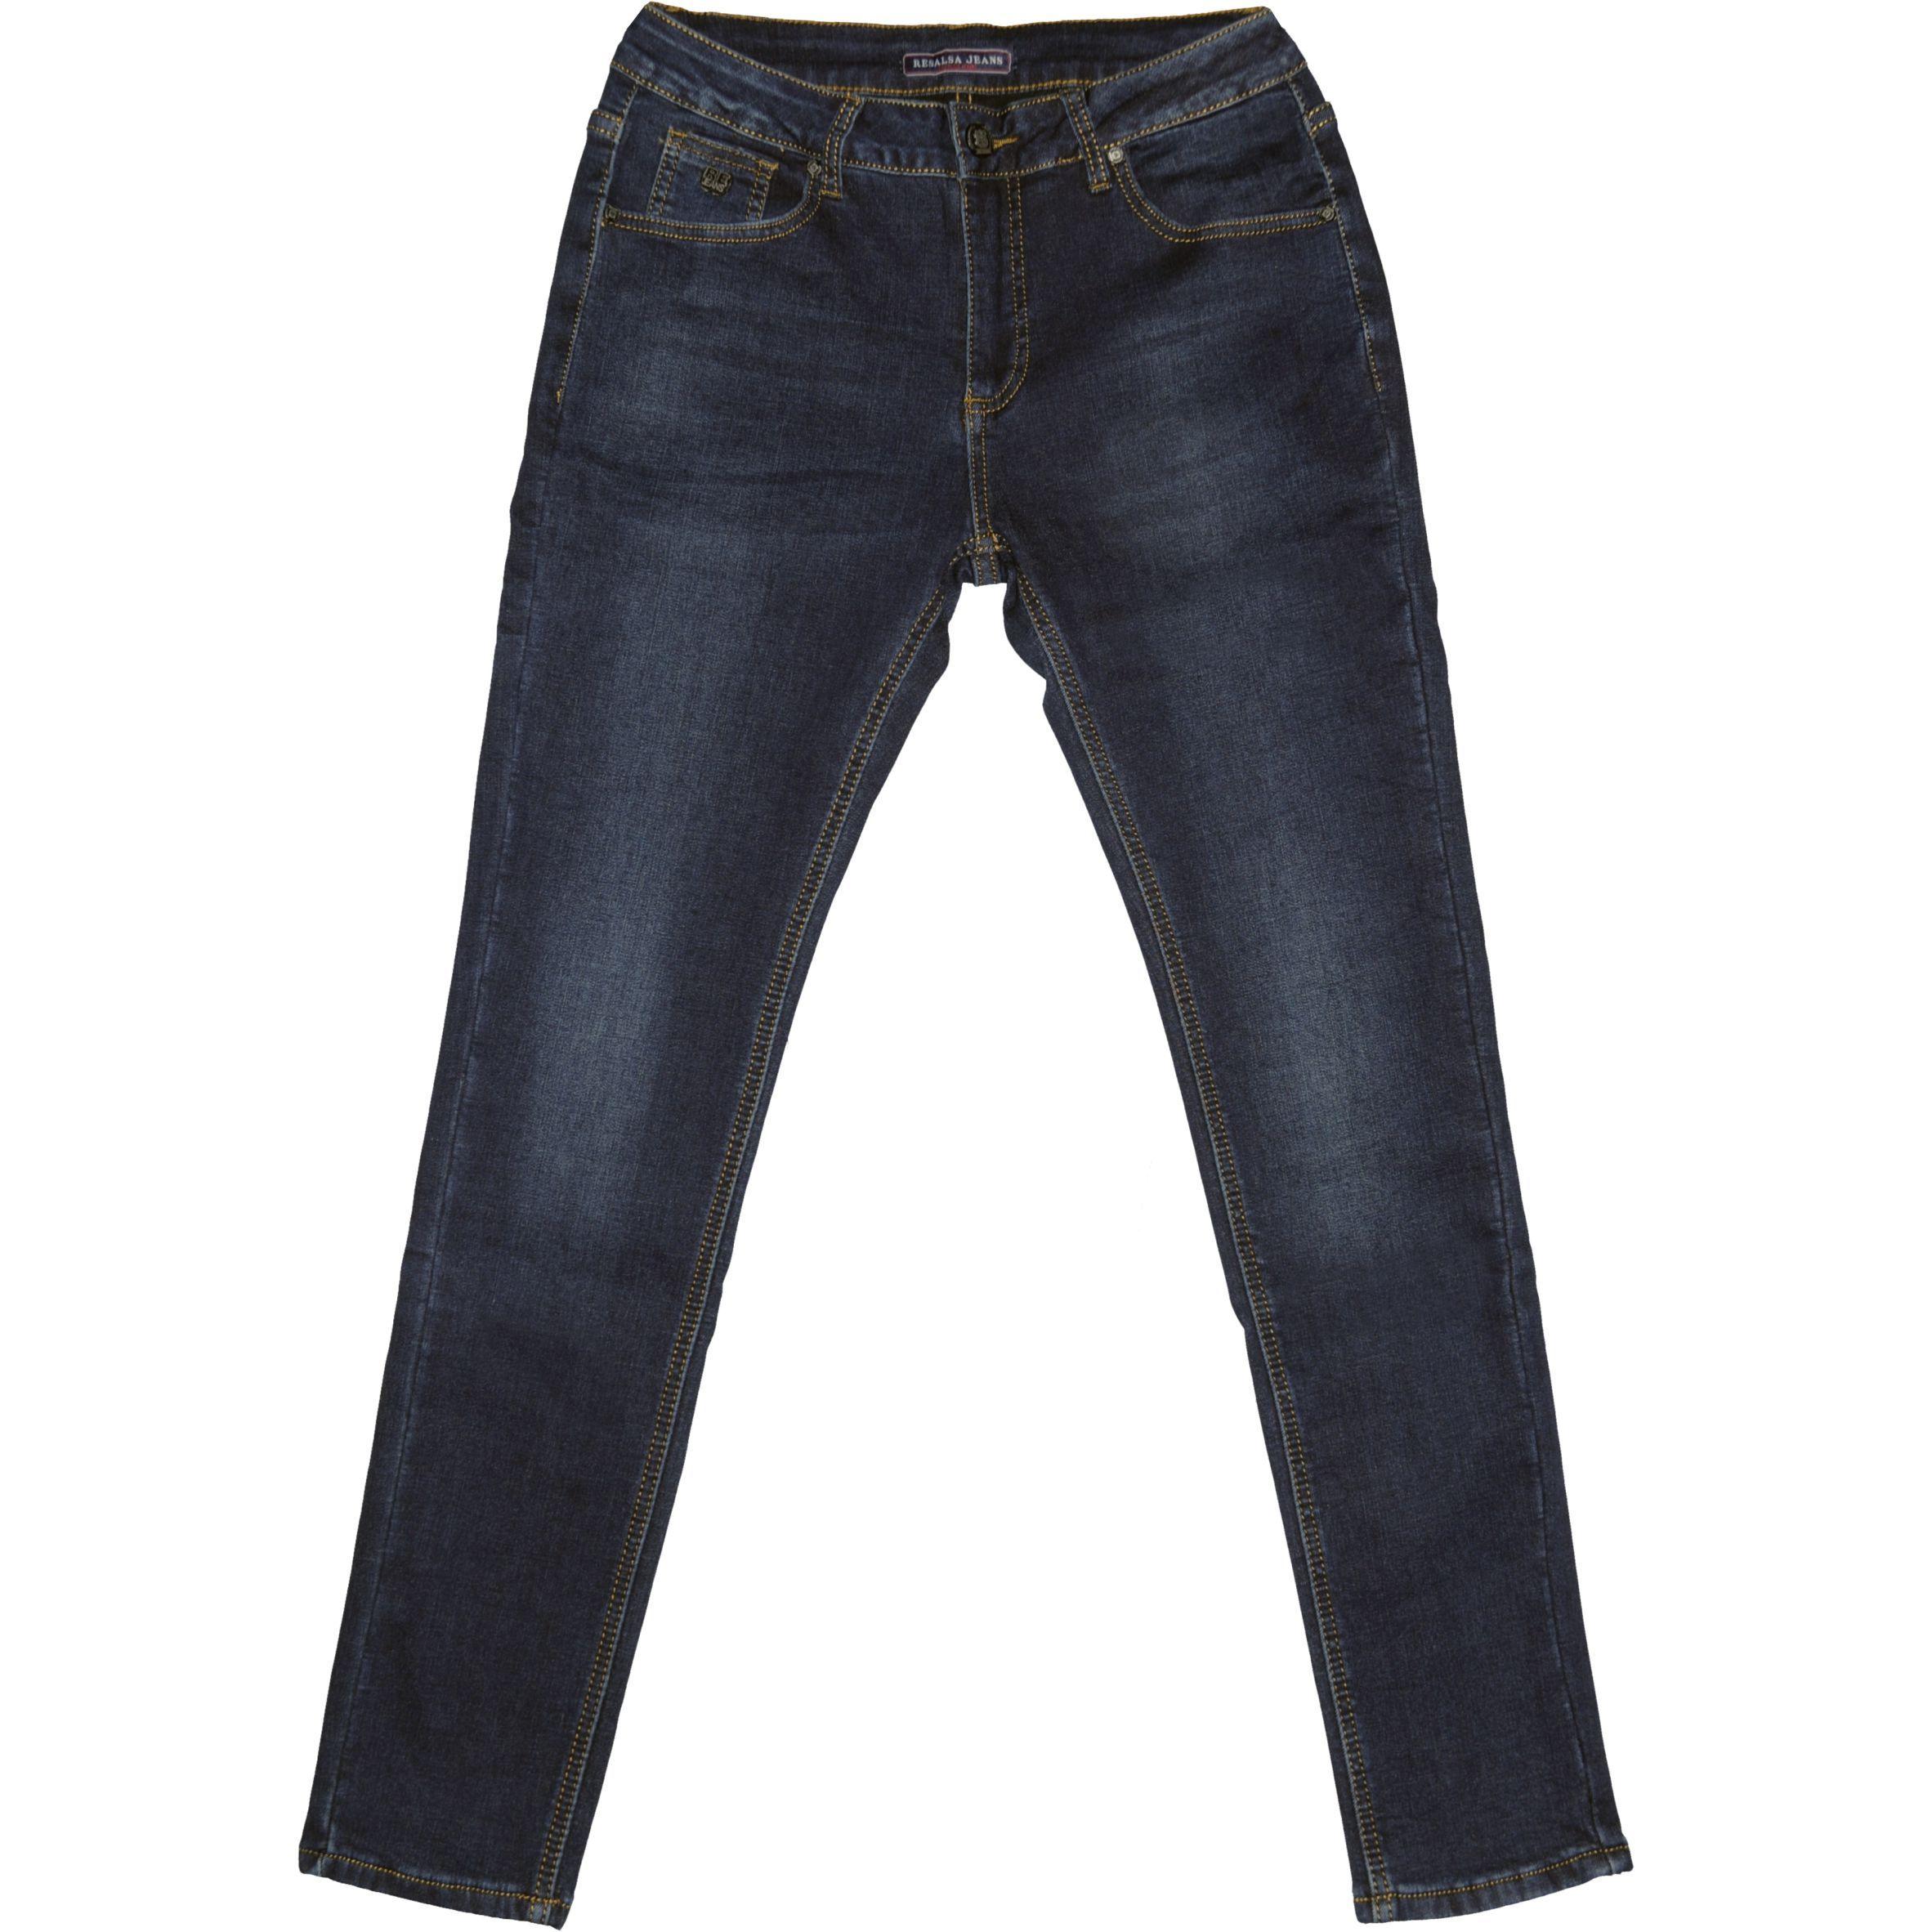 d366ae02ca Nadrág Resalsa® Jeans 6145 Bélelt szűk szárú farmernadrág